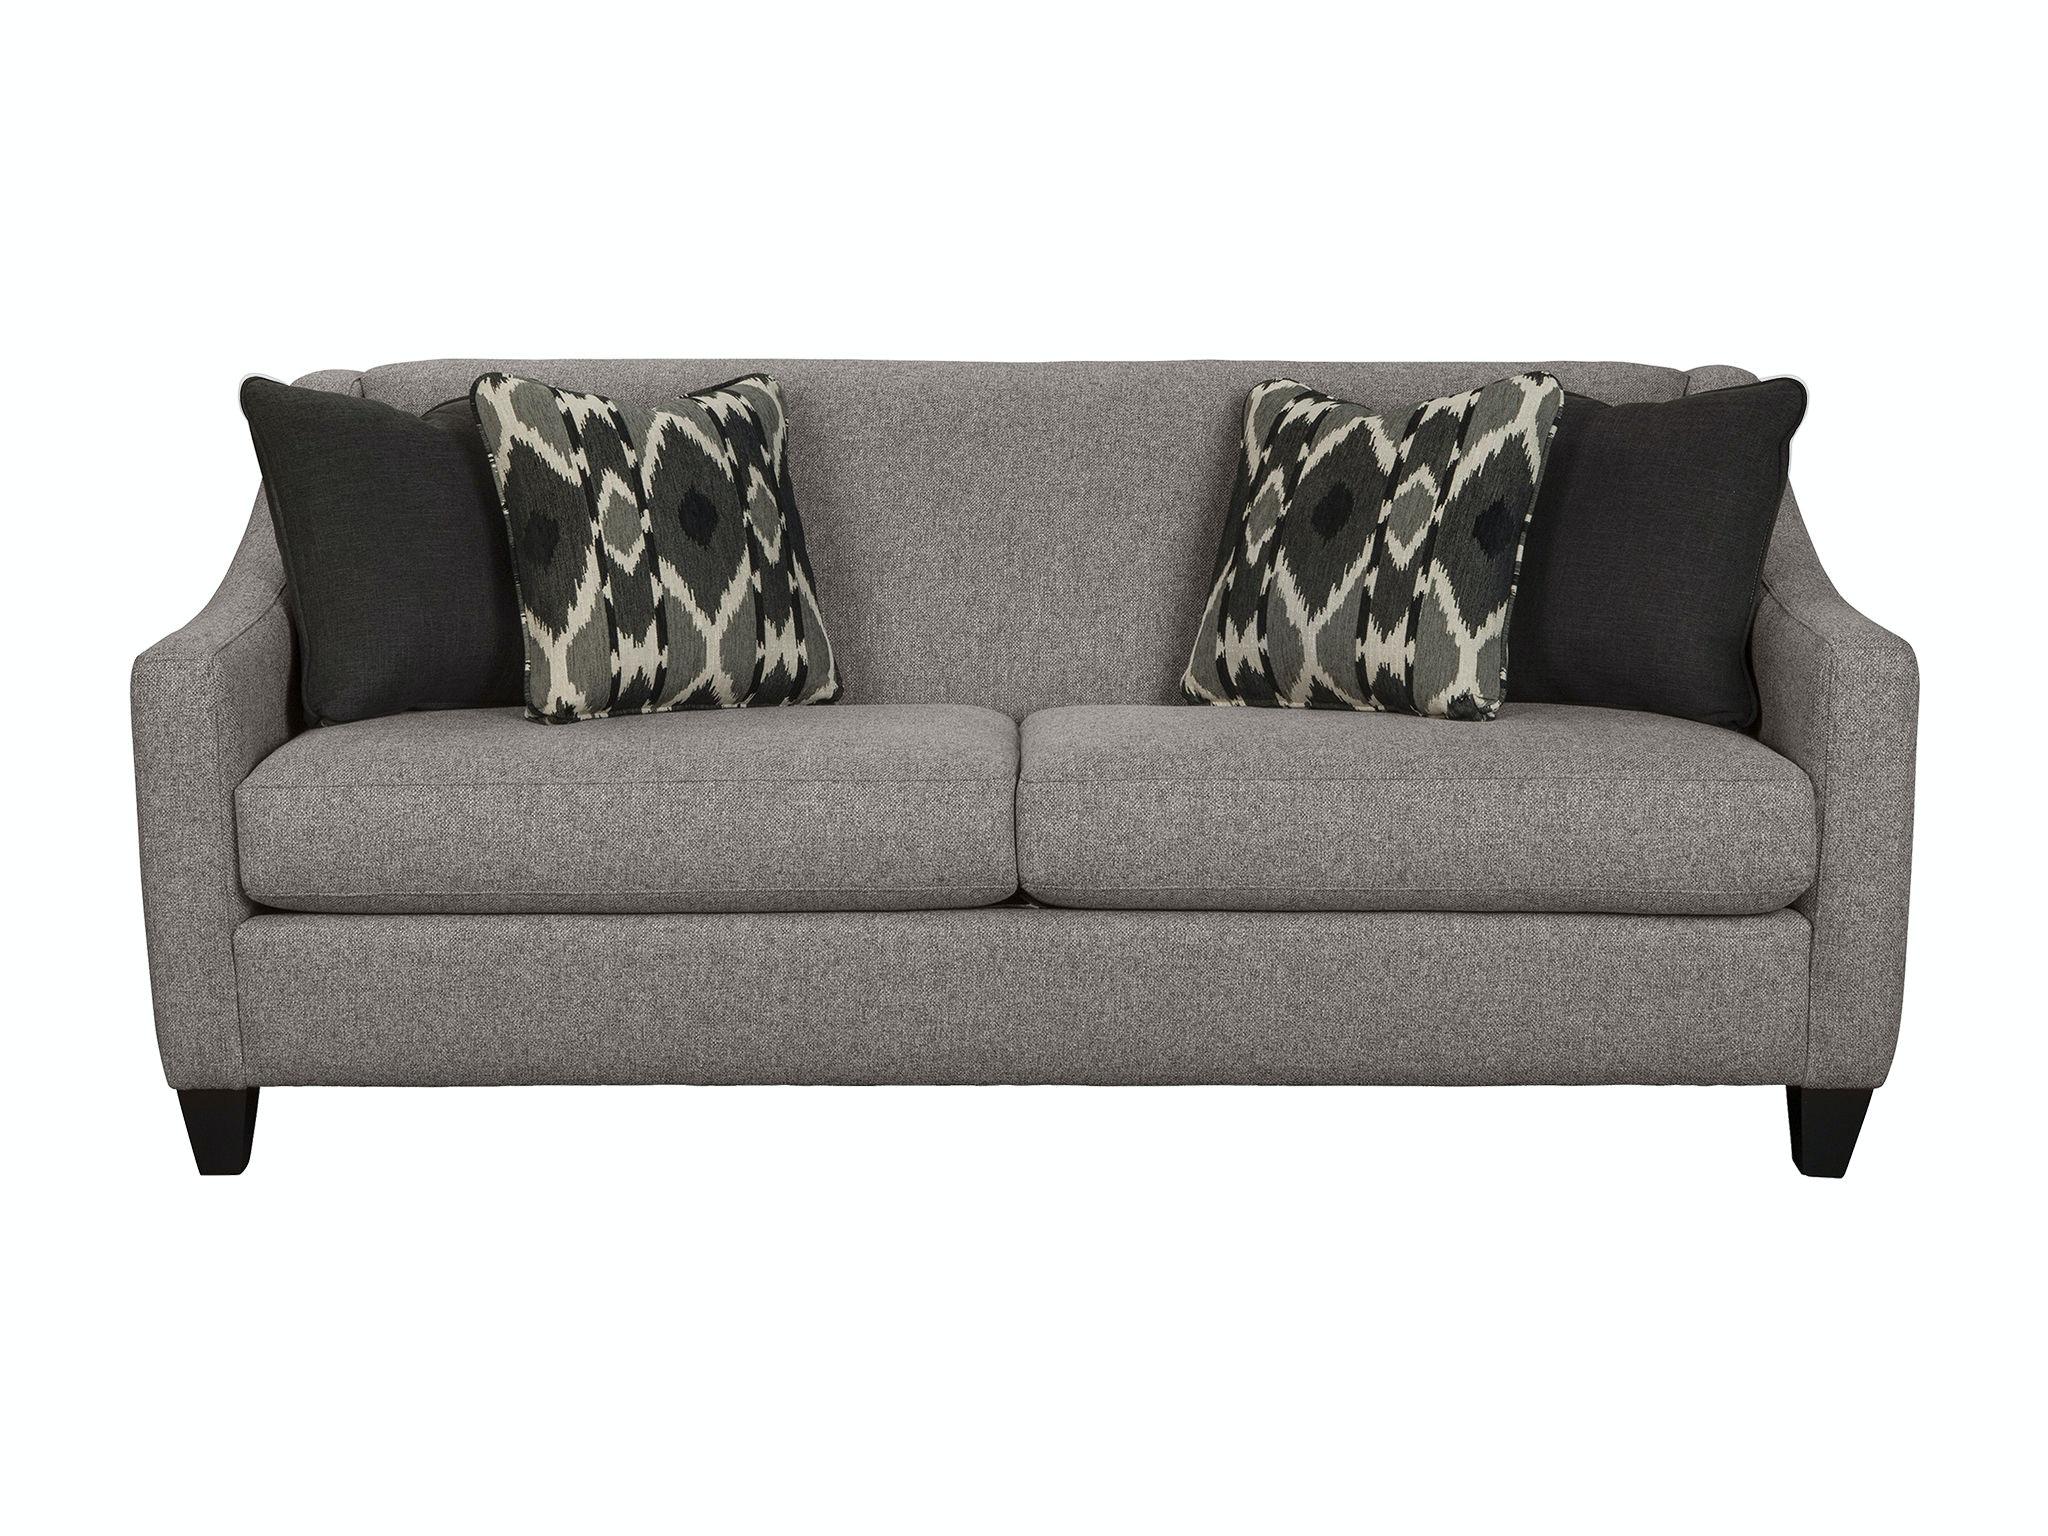 Craftmaster Living Room Sleeper Sofa 77695068 Kaplans Furniture